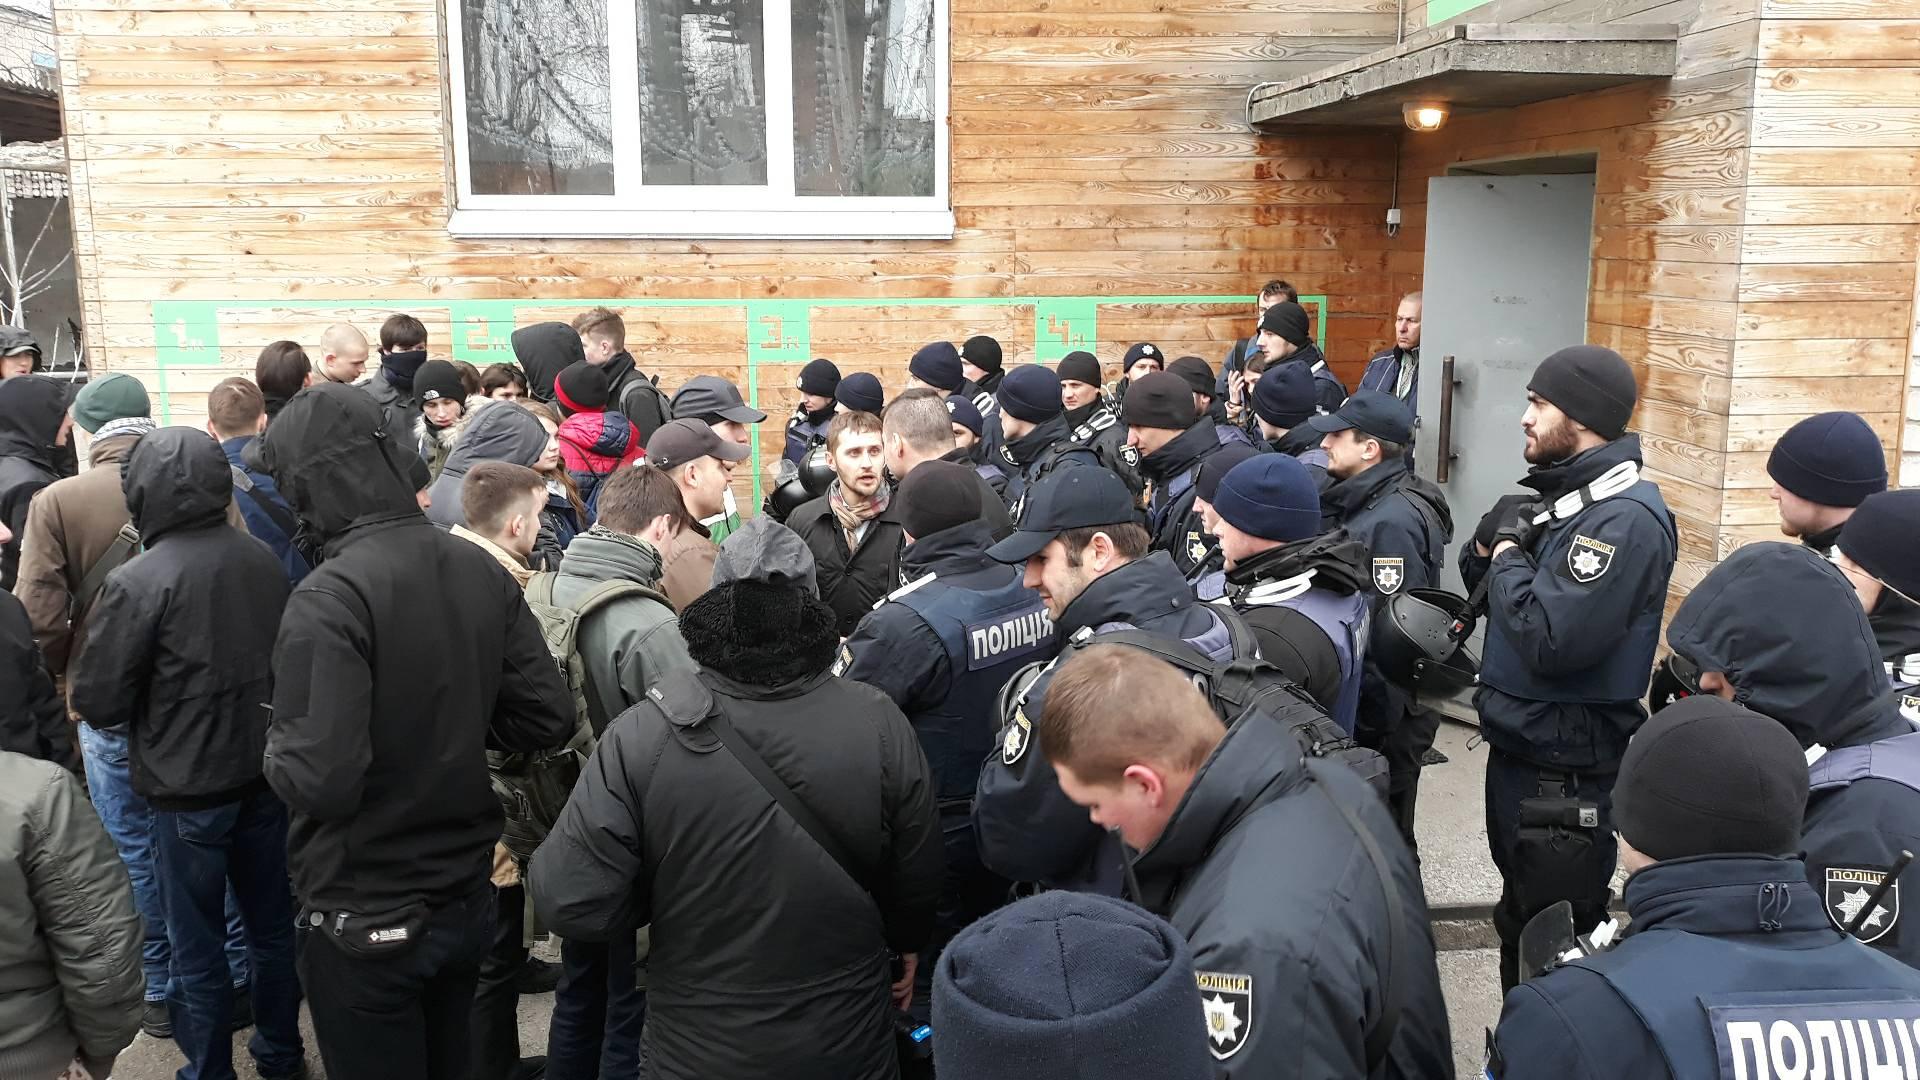 BlokutDyskusiiu1 - Правий та ще правіший. Як радикали разом з СБУ та МВС перетворюють Україну на мафіозне болото - Заборона